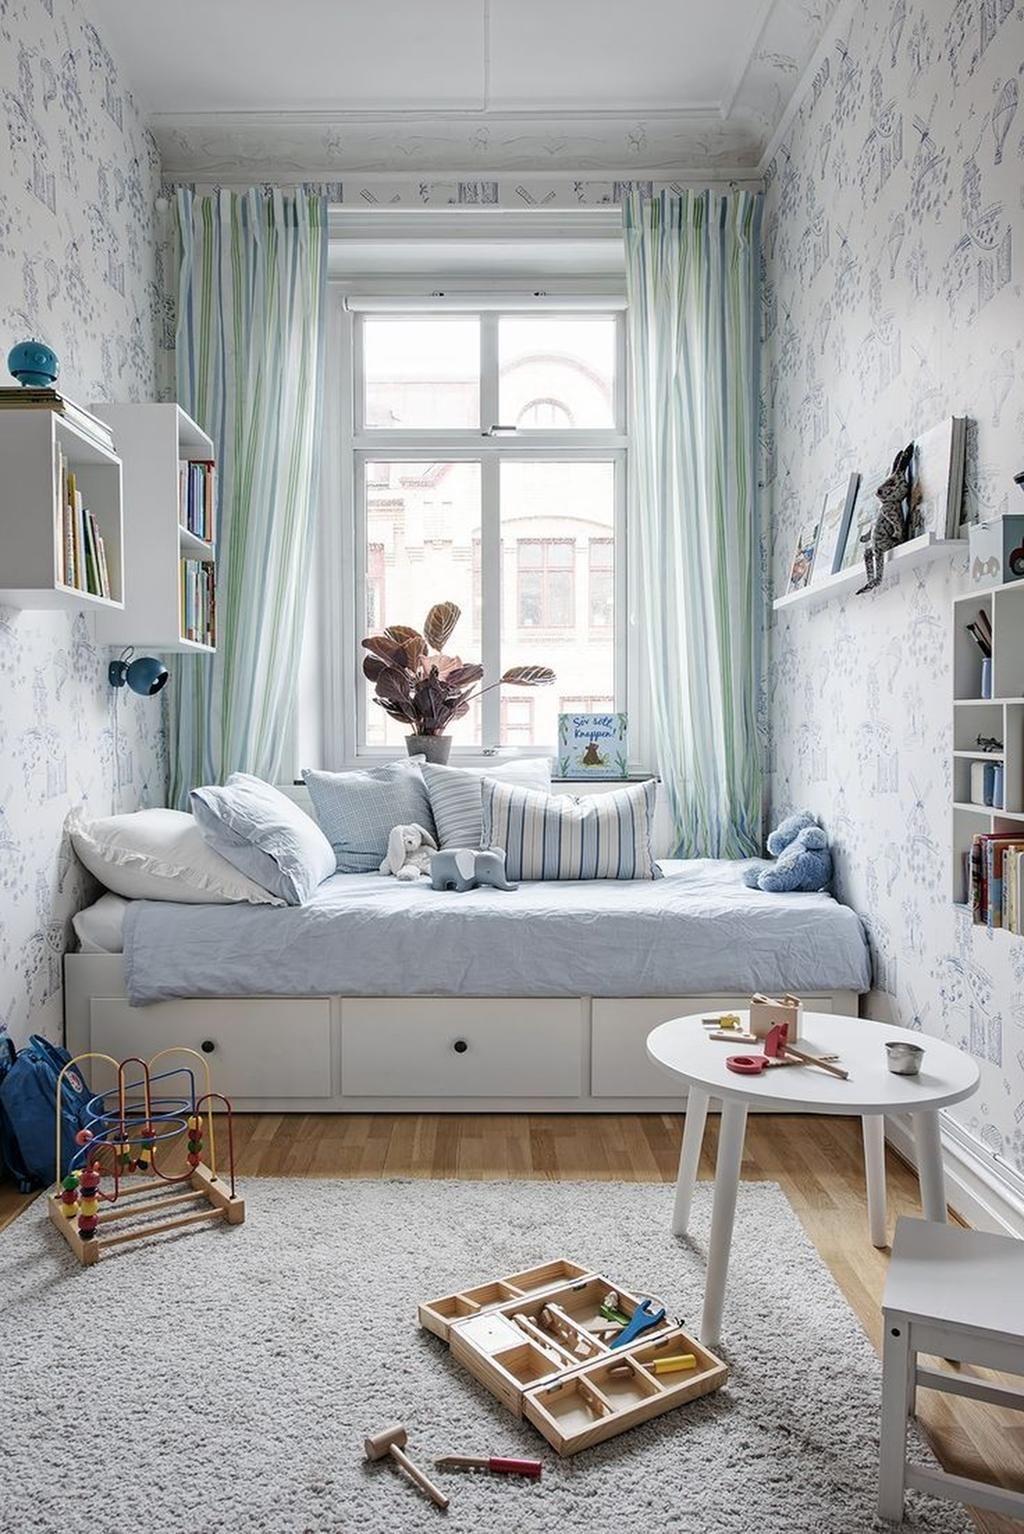 5 smart ideas for your small children's room – Lunamag.com